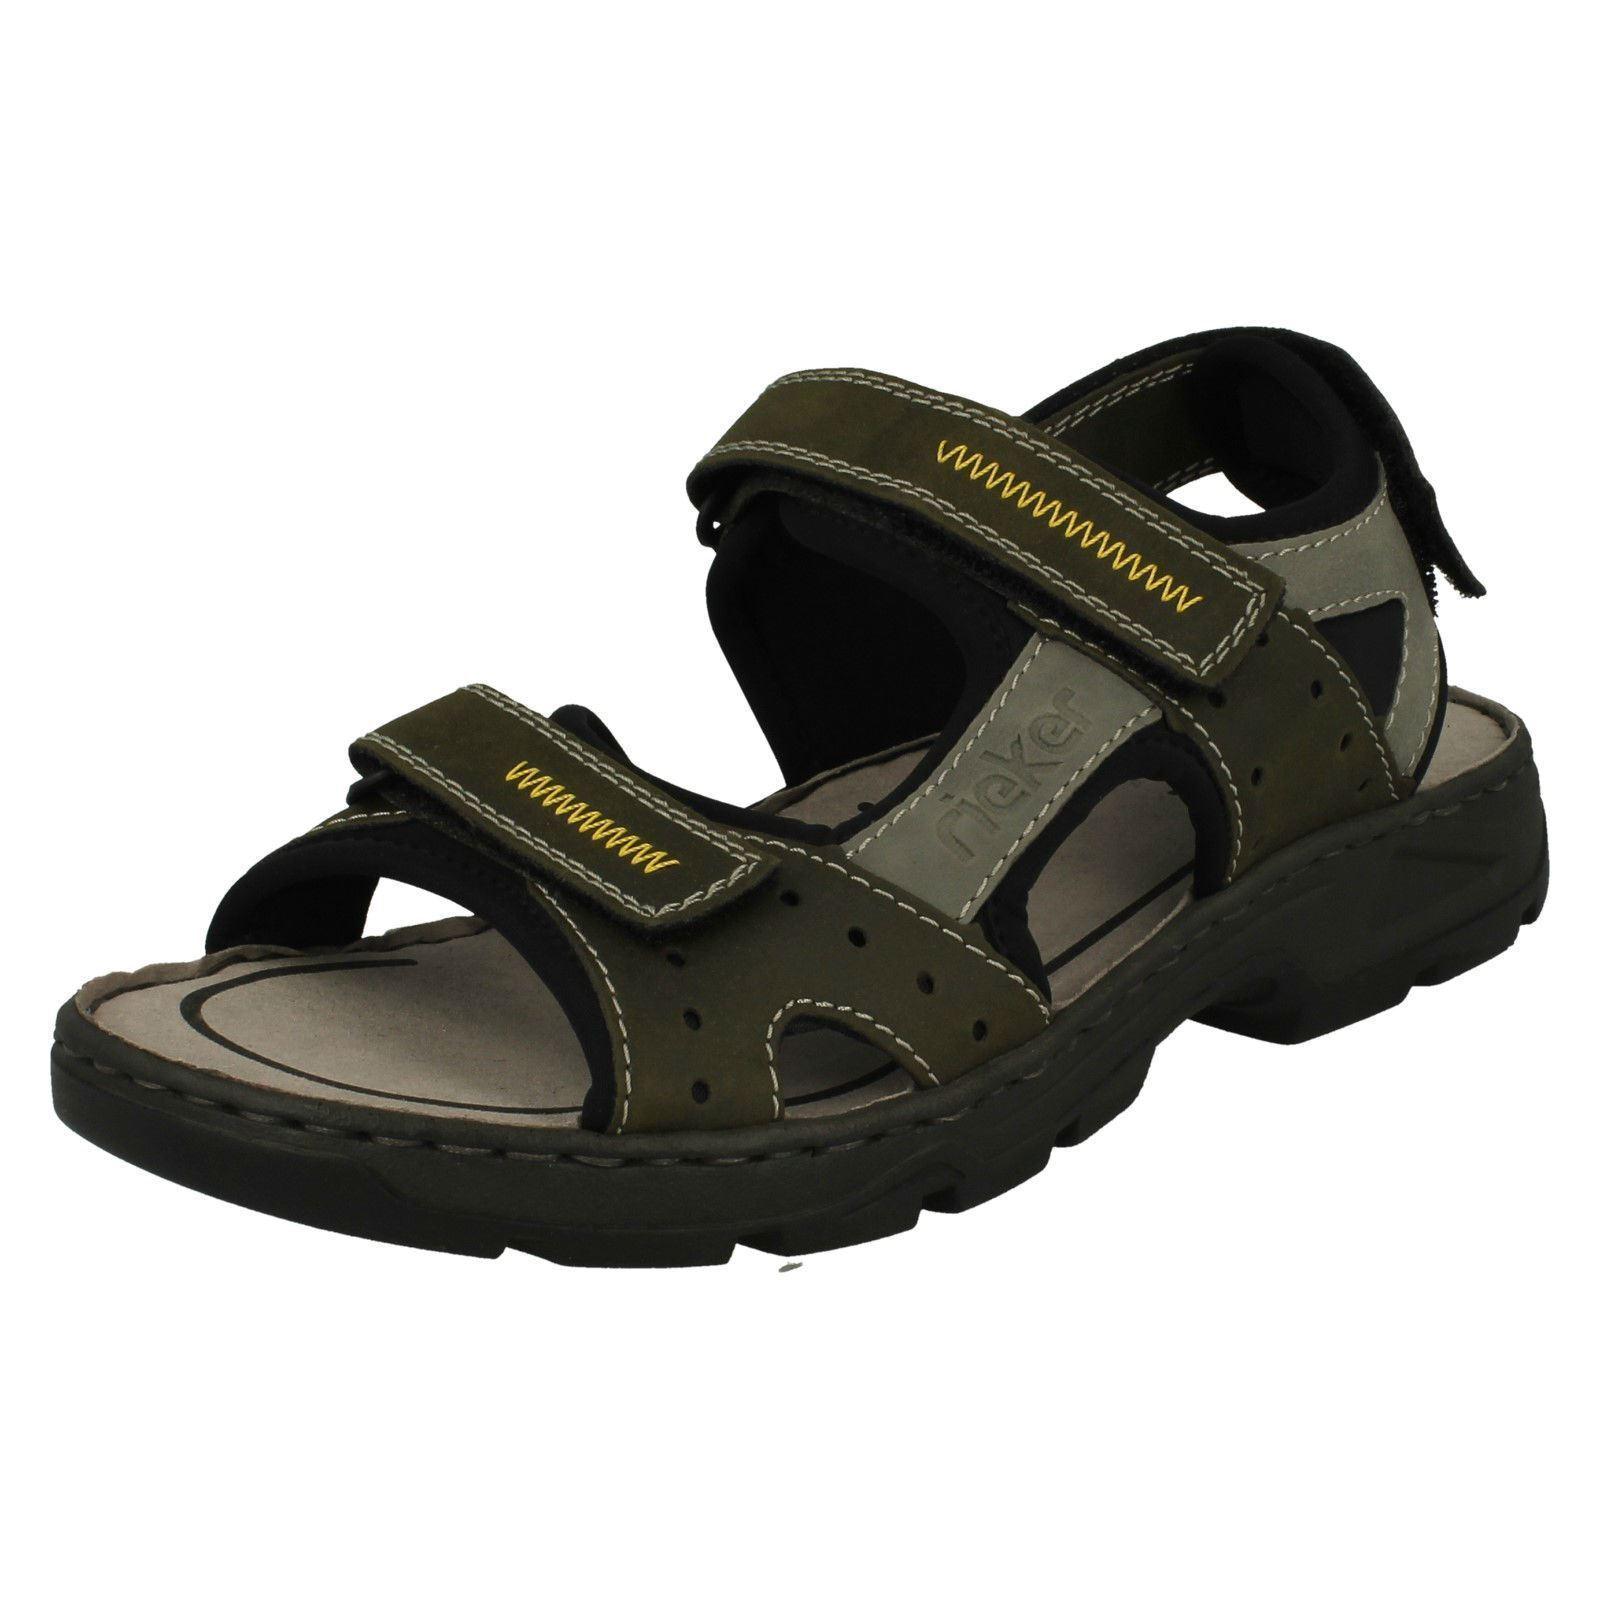 Uomo Rieker 26157 Strap Green Combination Casual Strap 26157 Sandales a50f01